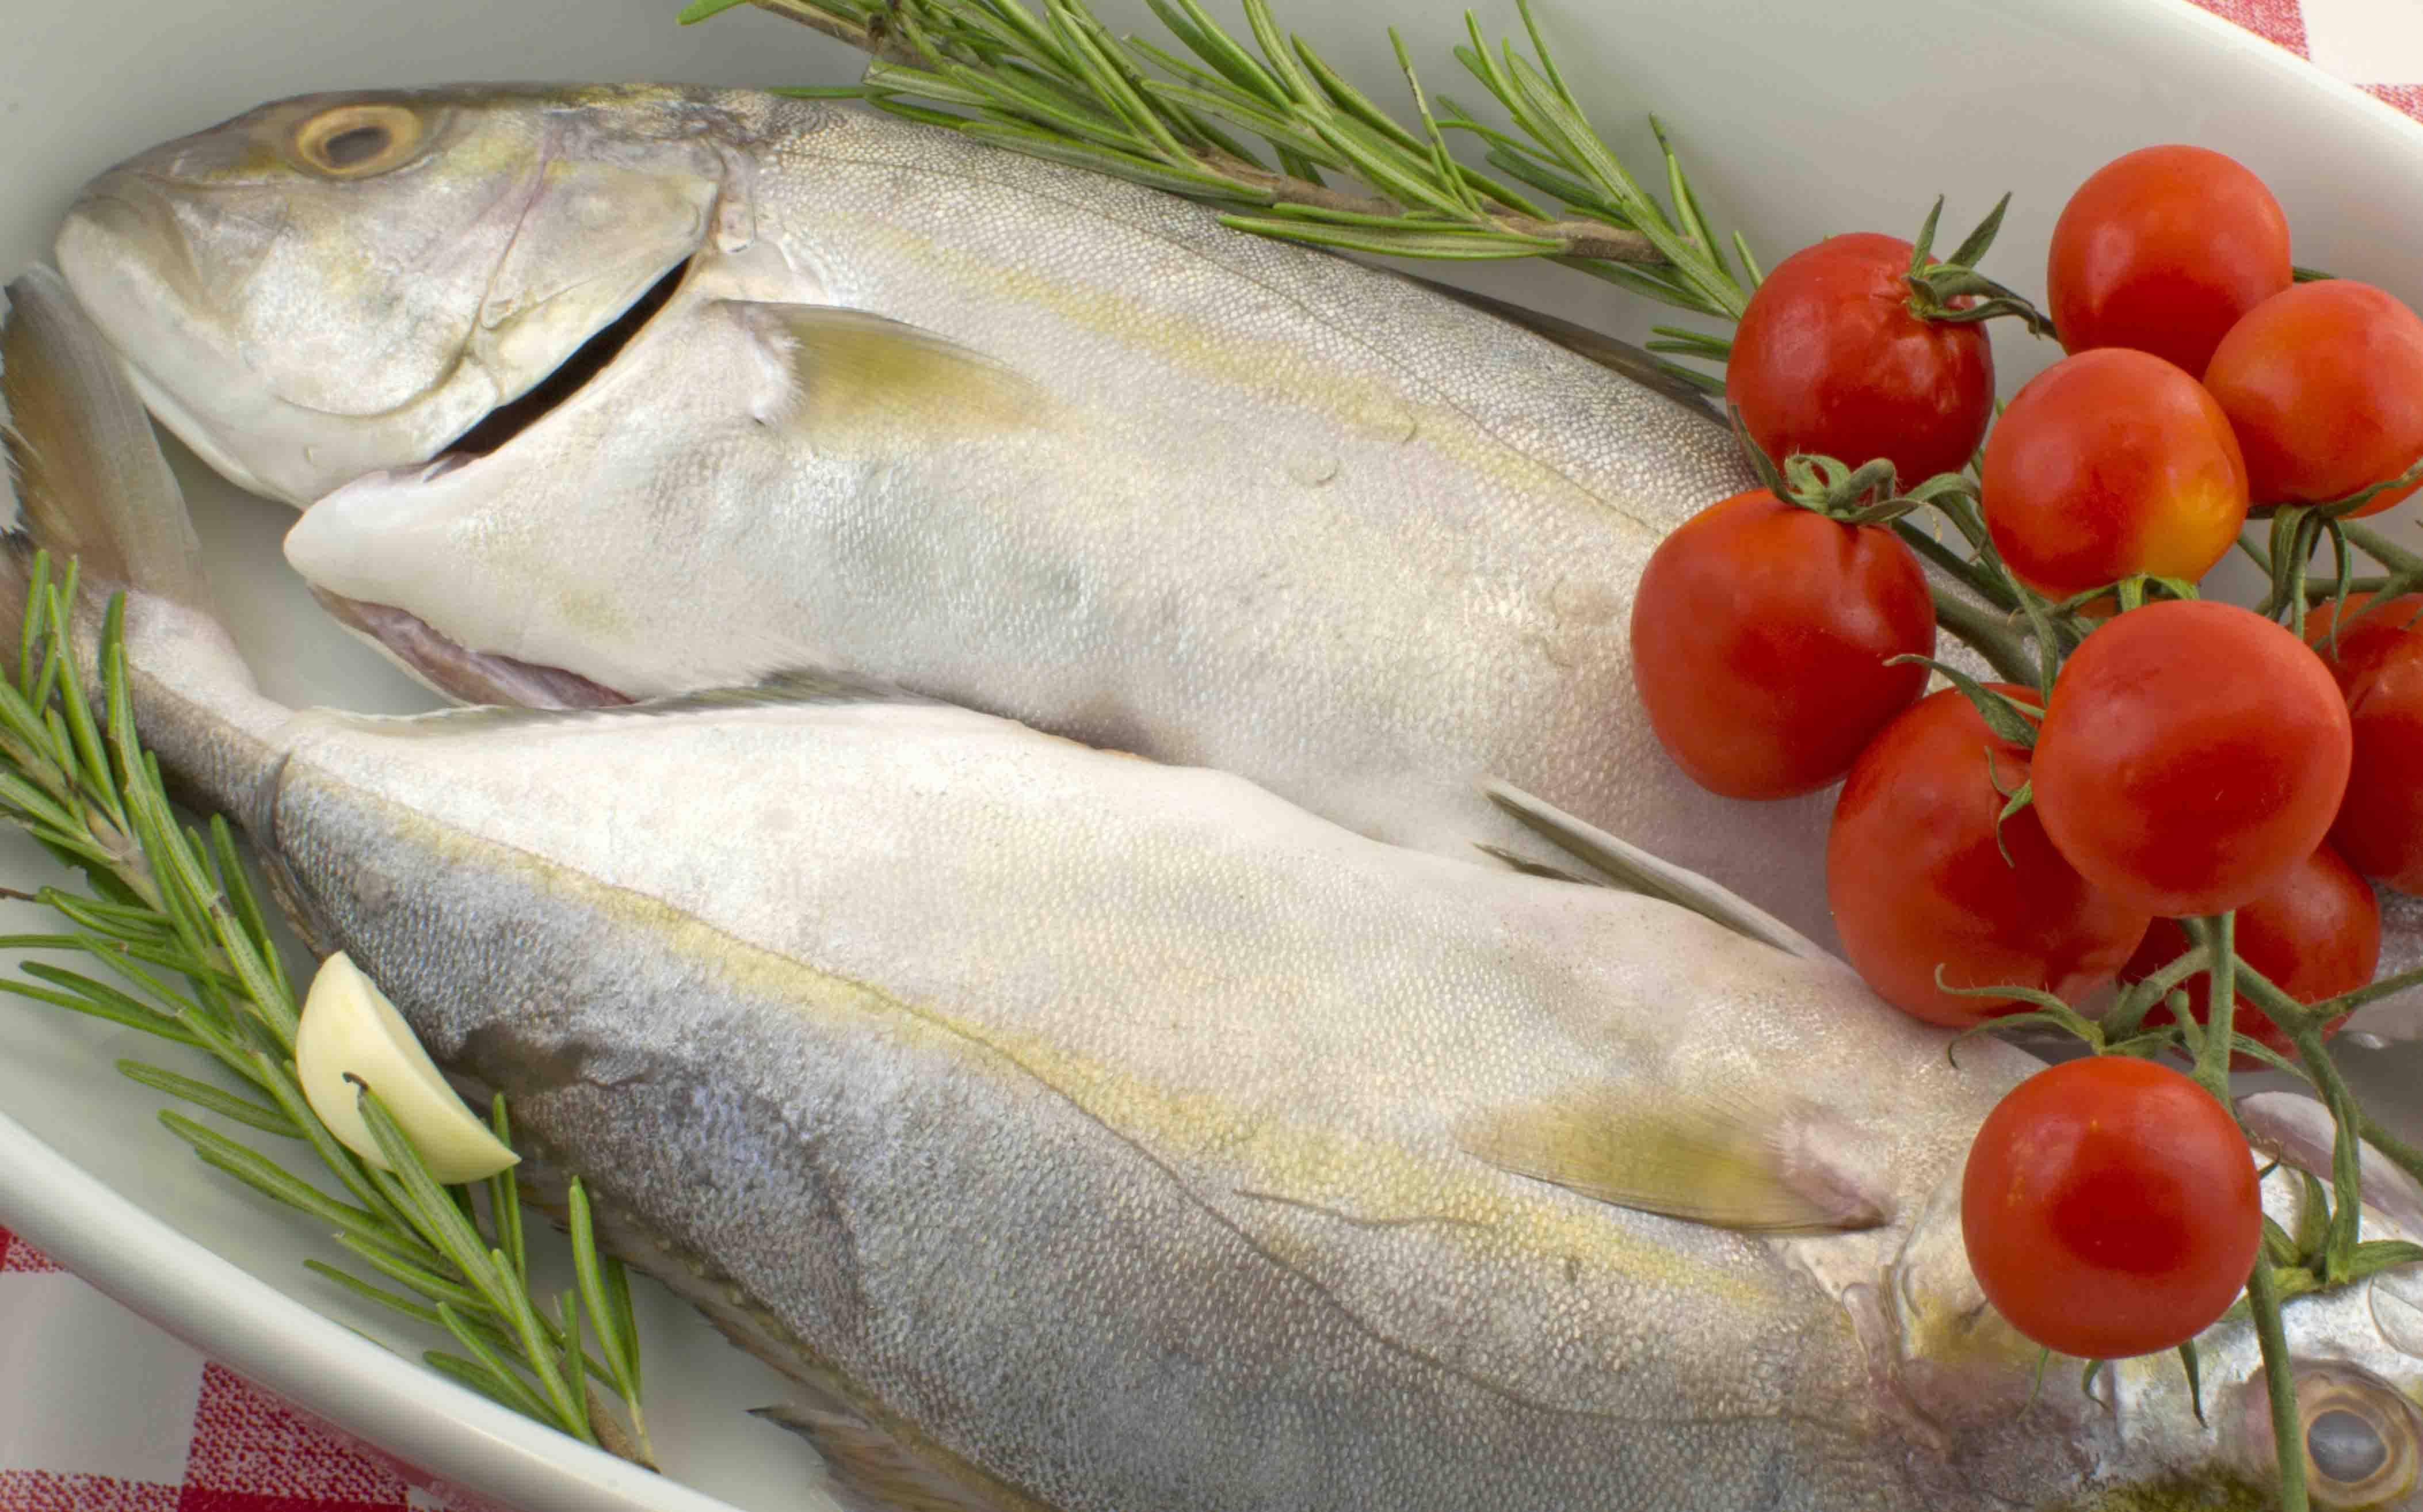 ricciola-pesce-ristorante-filippino-lipari.jpg